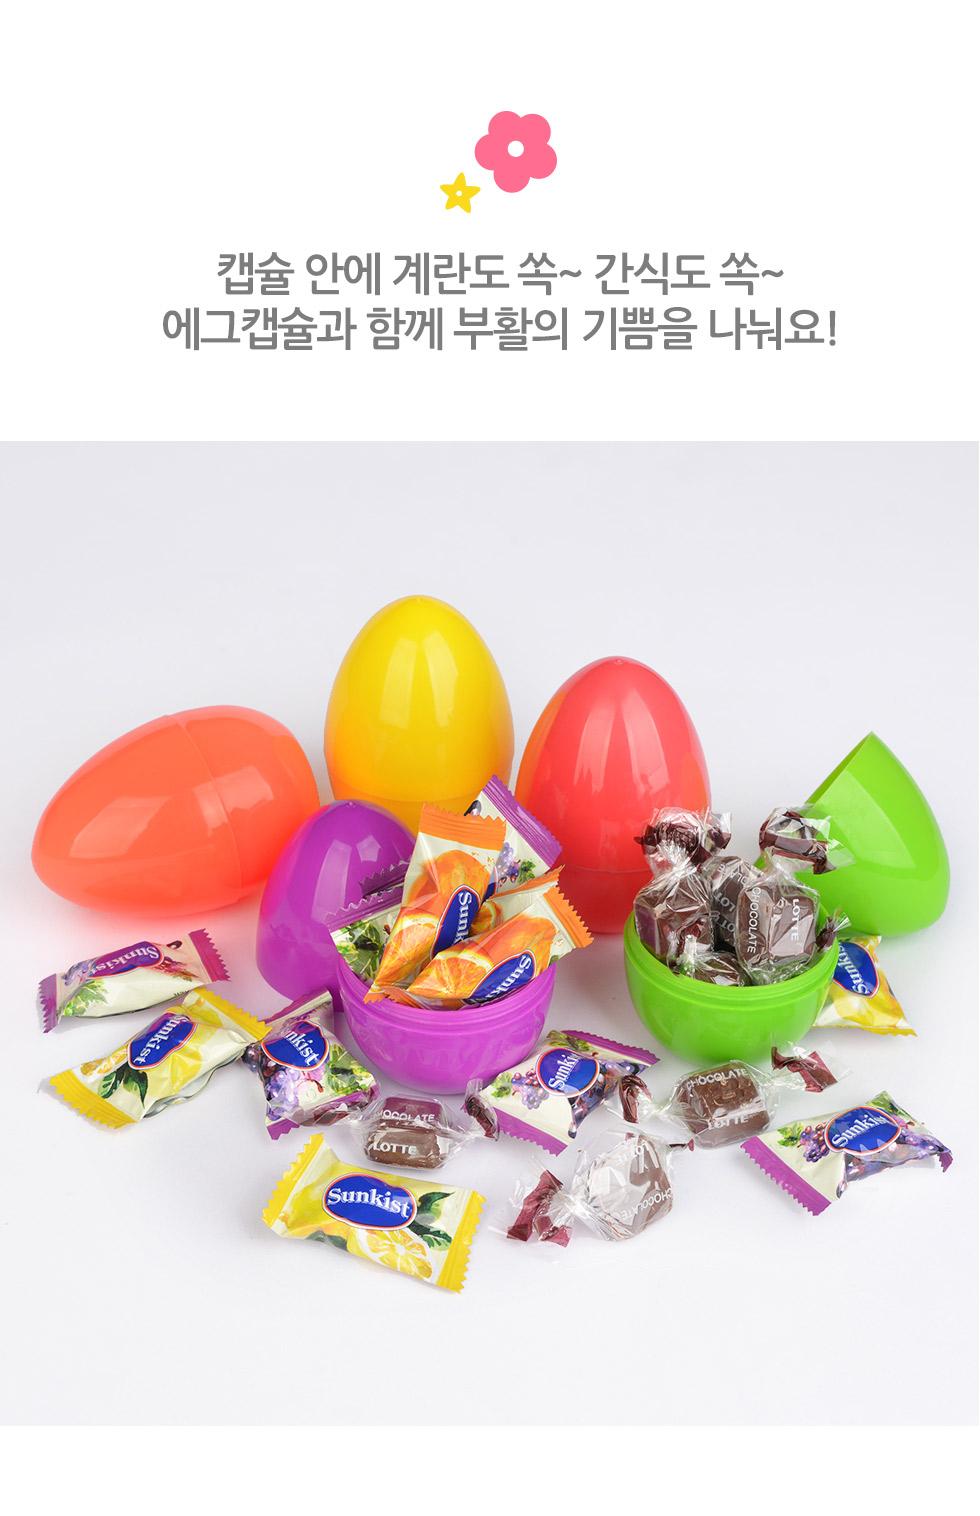 부활절 계란케이스 스탠딩 에그캡슐 (대) 5종 캡슐 안에 계란도 쏙~ 간식도 쏙~ 에그캡슐과 함께 부활의 기쁨을 나눠요!